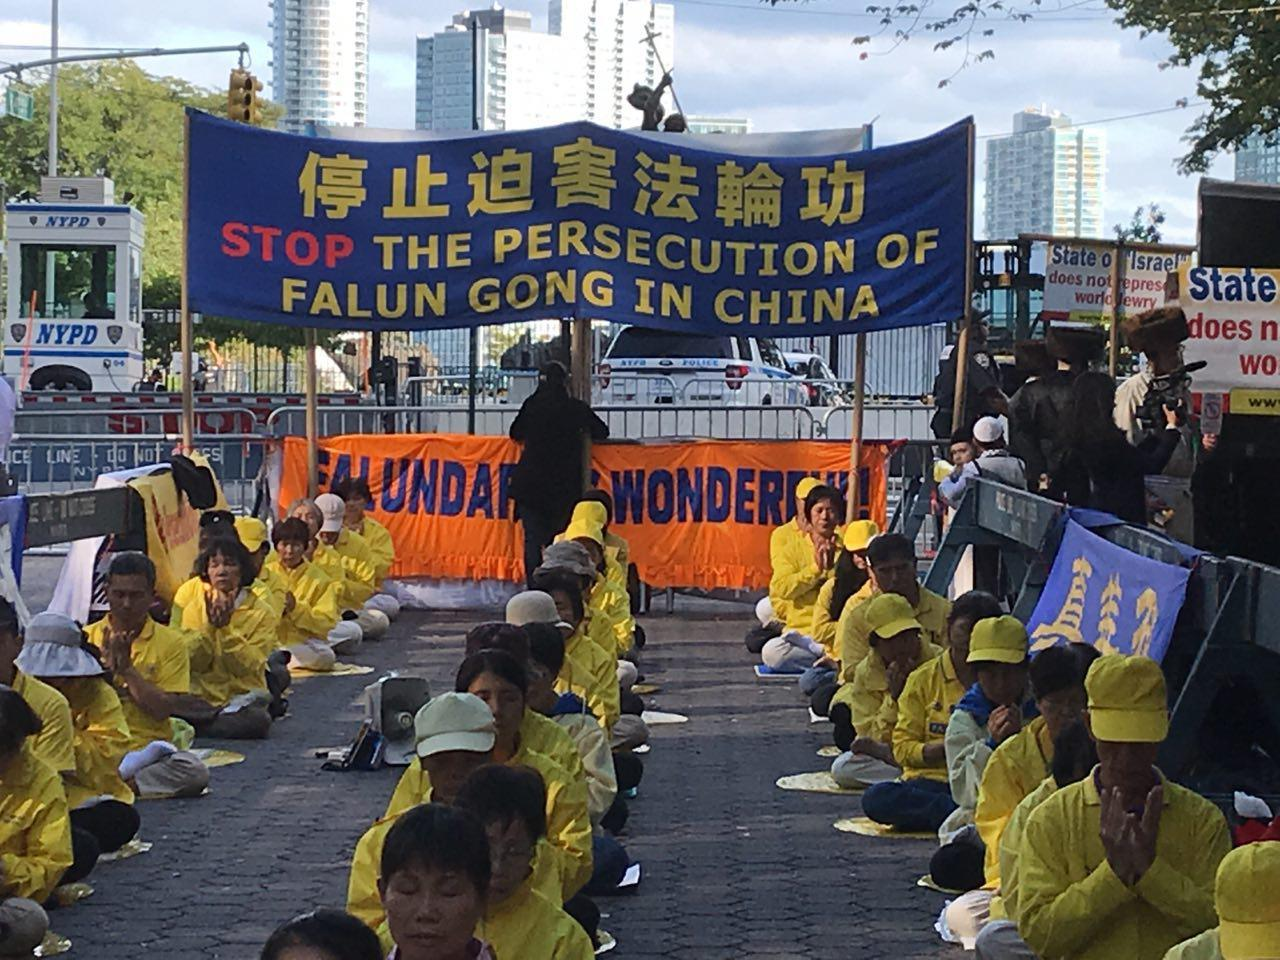 聯合國大會法輪功呼籲制止迫害